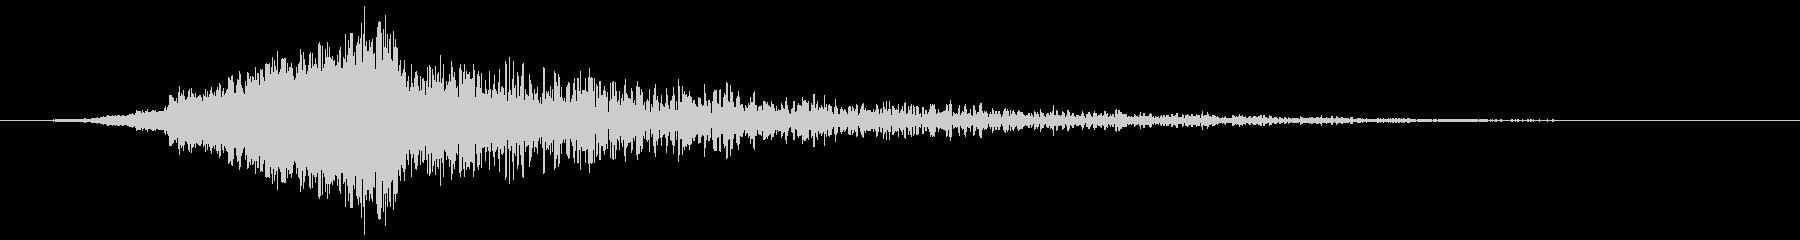 キューンバーン:迫力ある上昇する音の未再生の波形